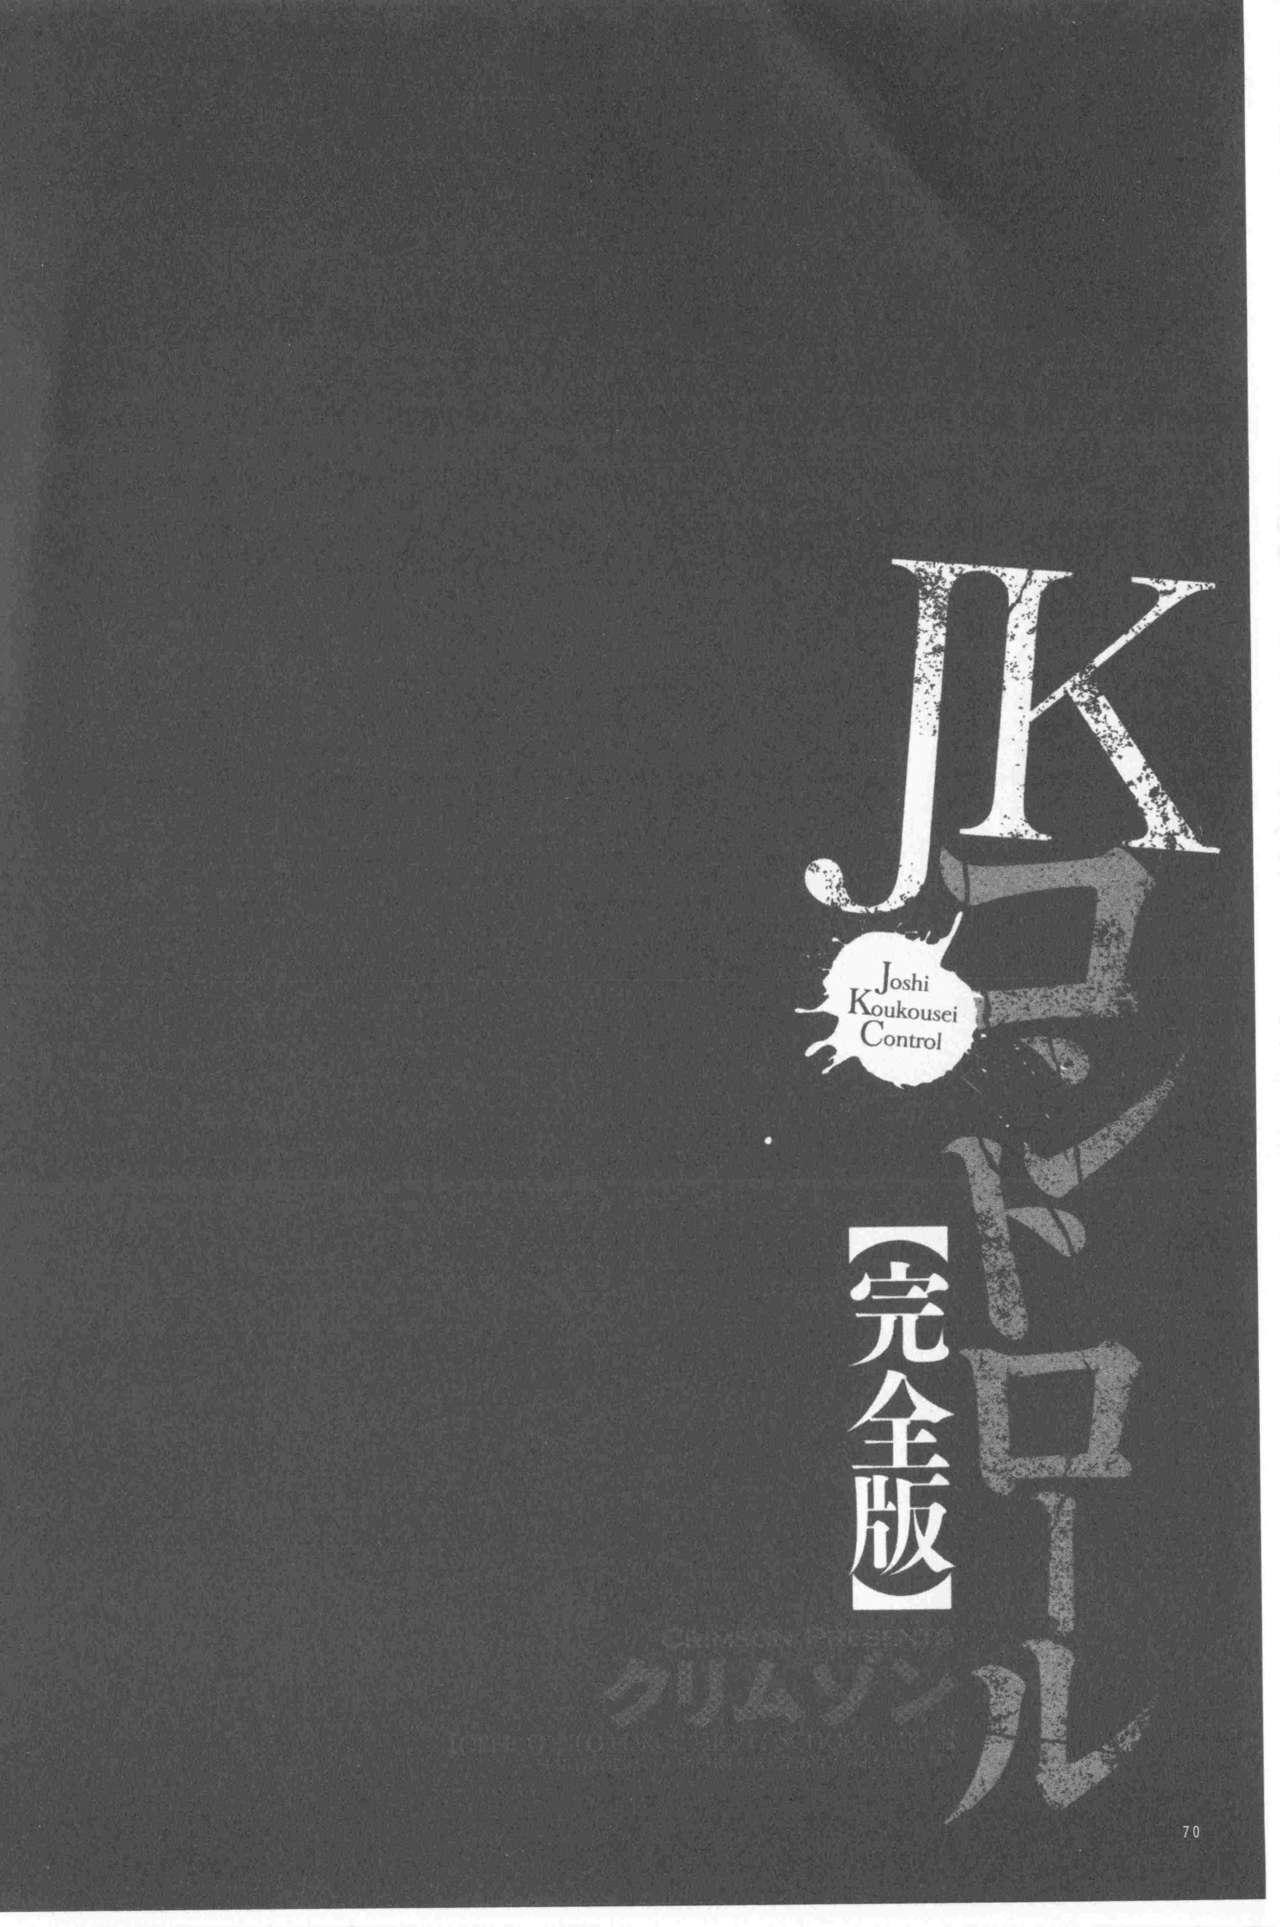 JK Control 71